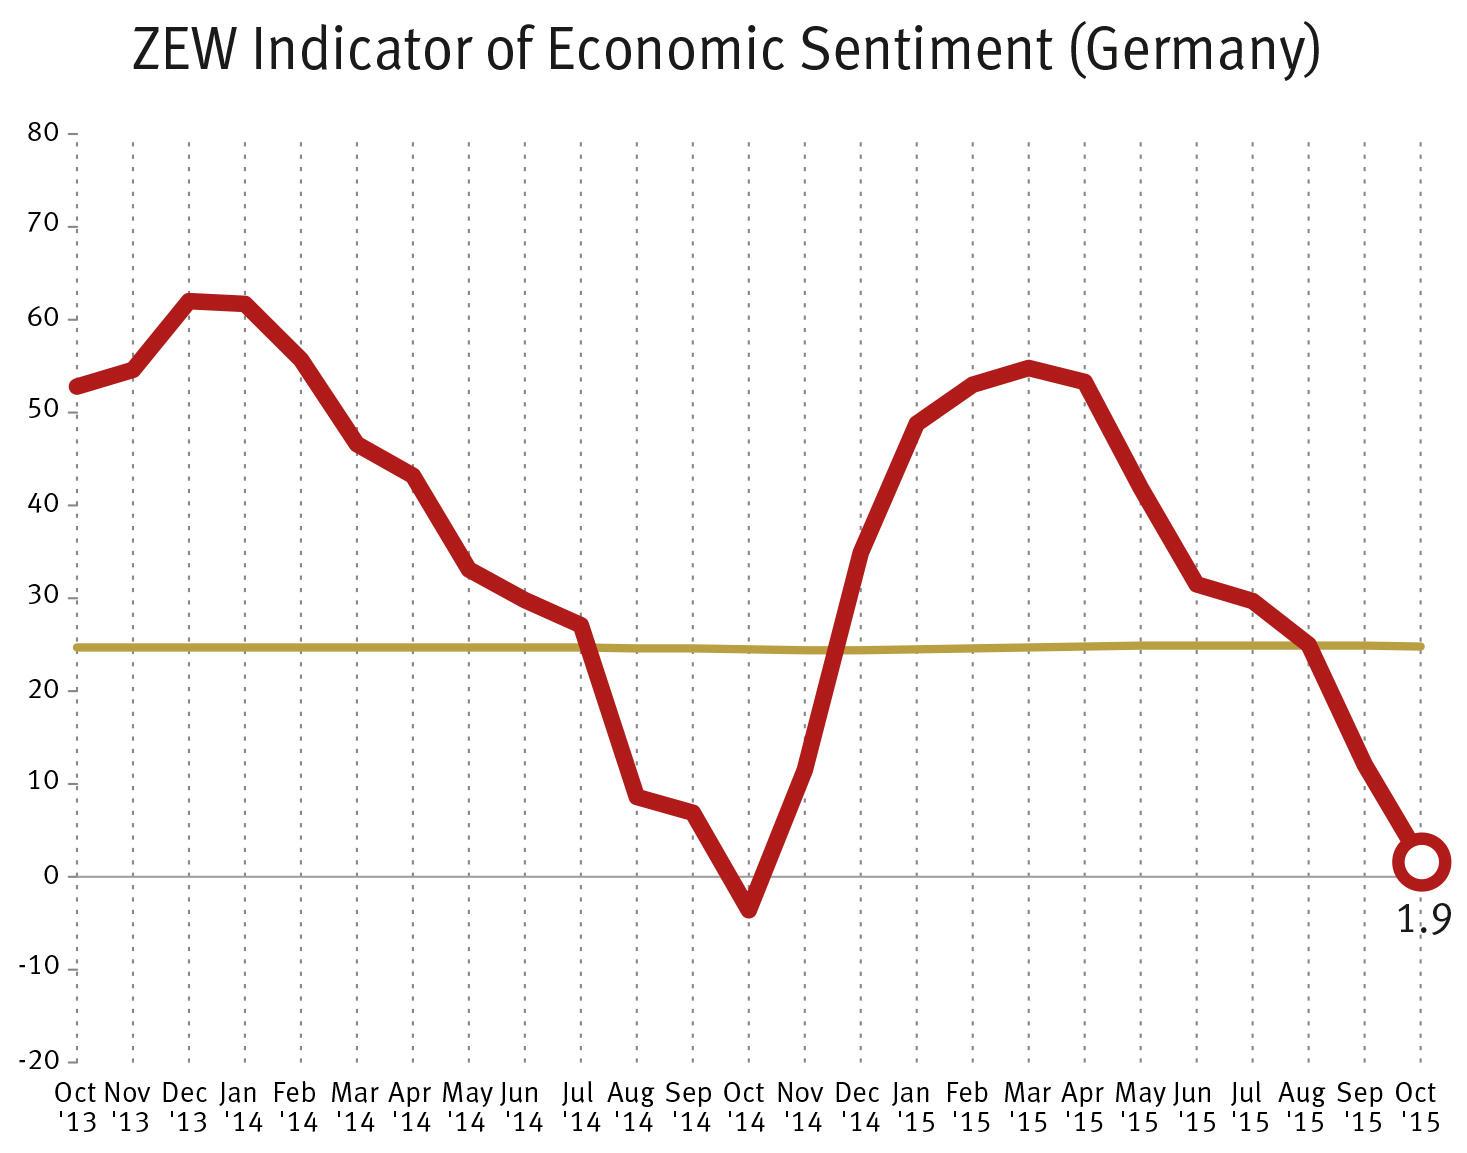 فولكس فاجن تؤثر في مؤشر ثقة الاقتصاد الألماني ..